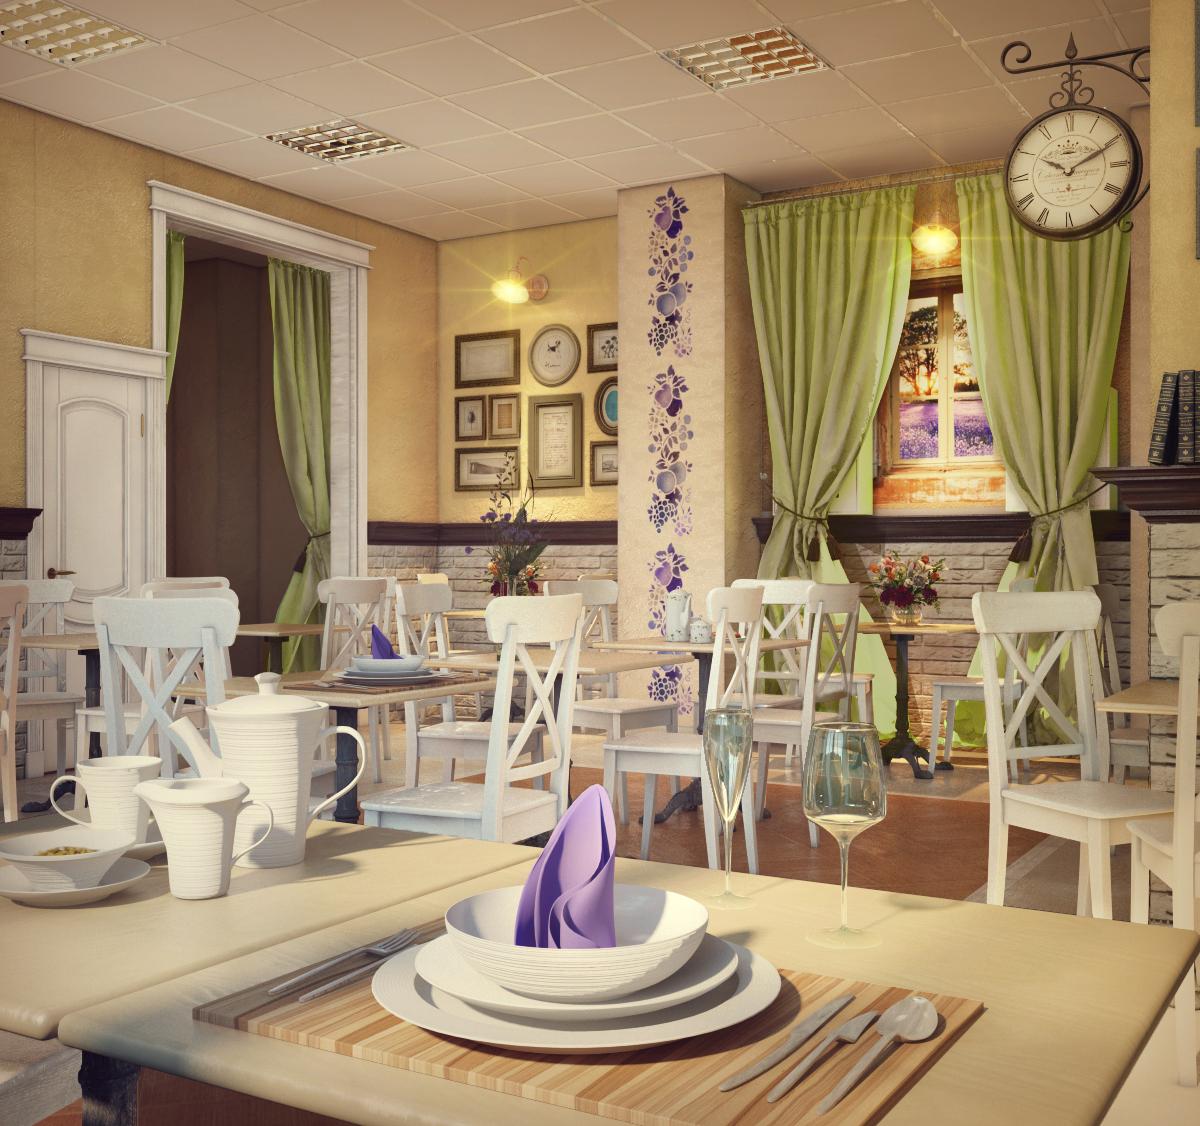 Удачное цветовое решение для оформления кафе в стиле прованс